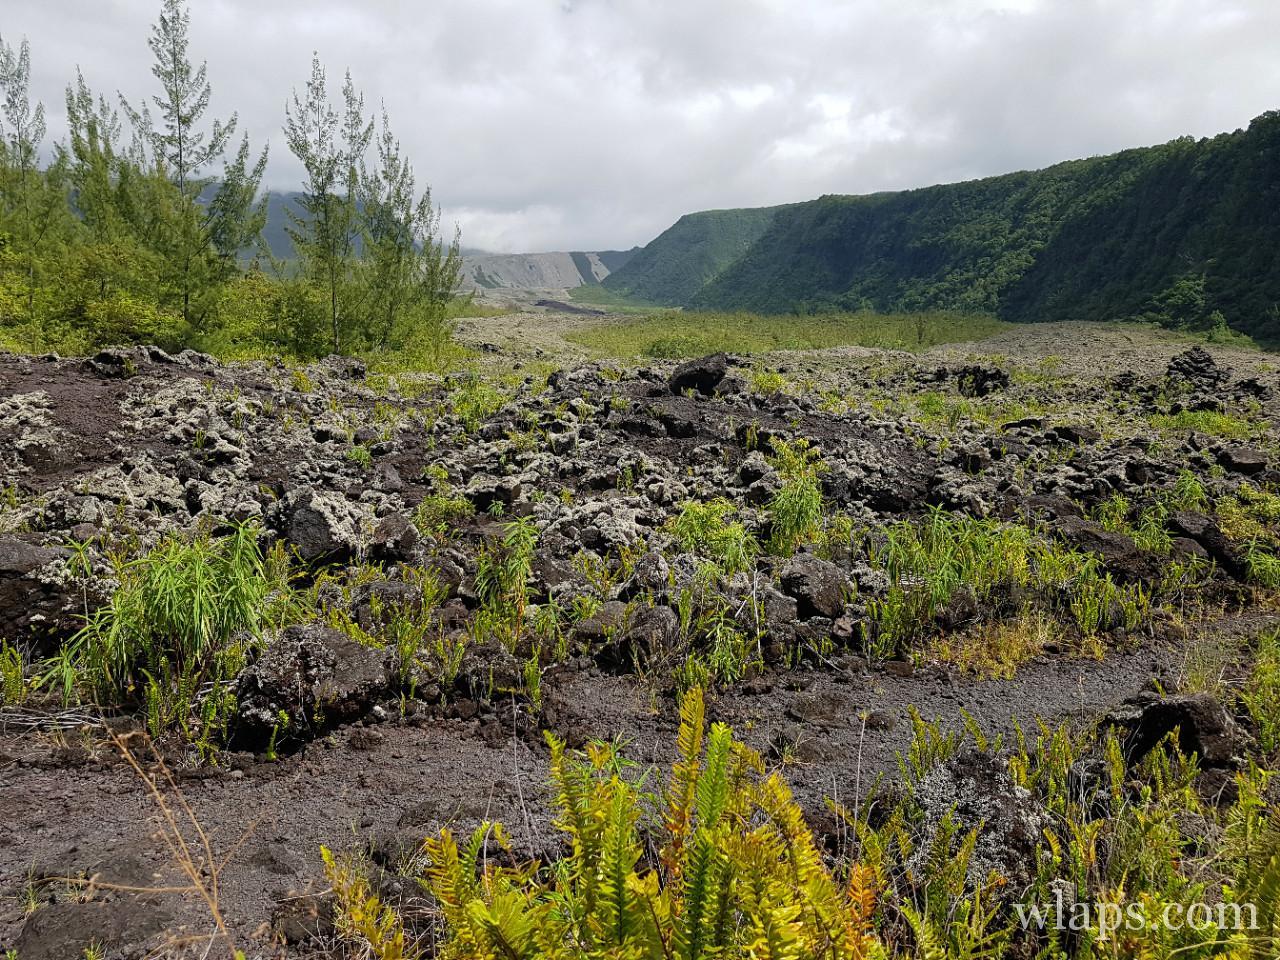 Le site de Grand Brulé à l'ile de La Réunion